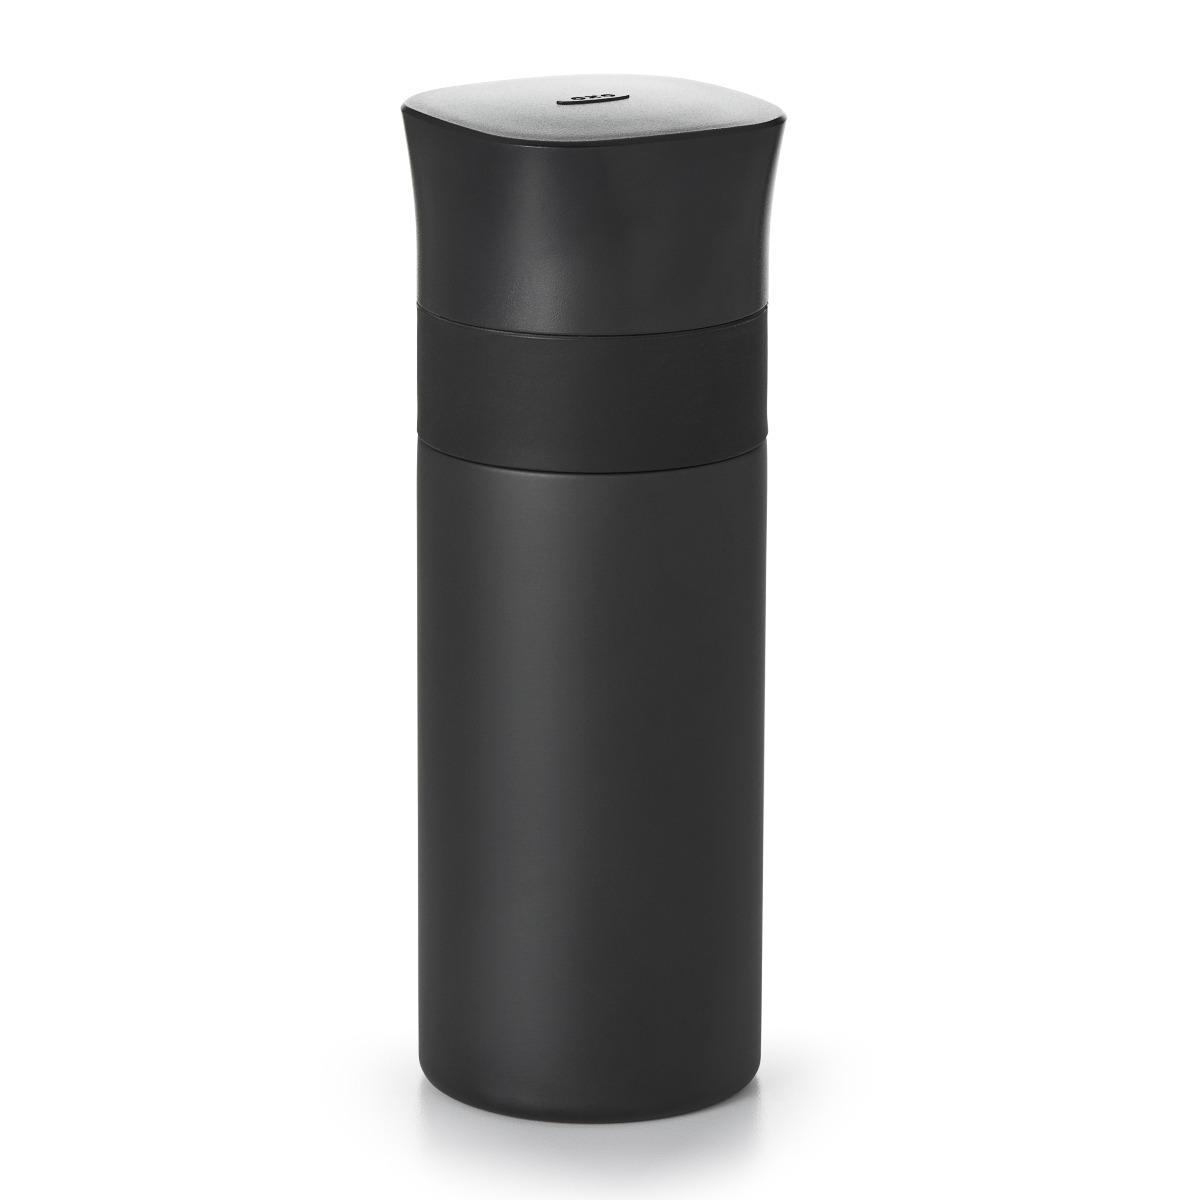 OXO Good Grips 12 oz. Thermal Travel Mug